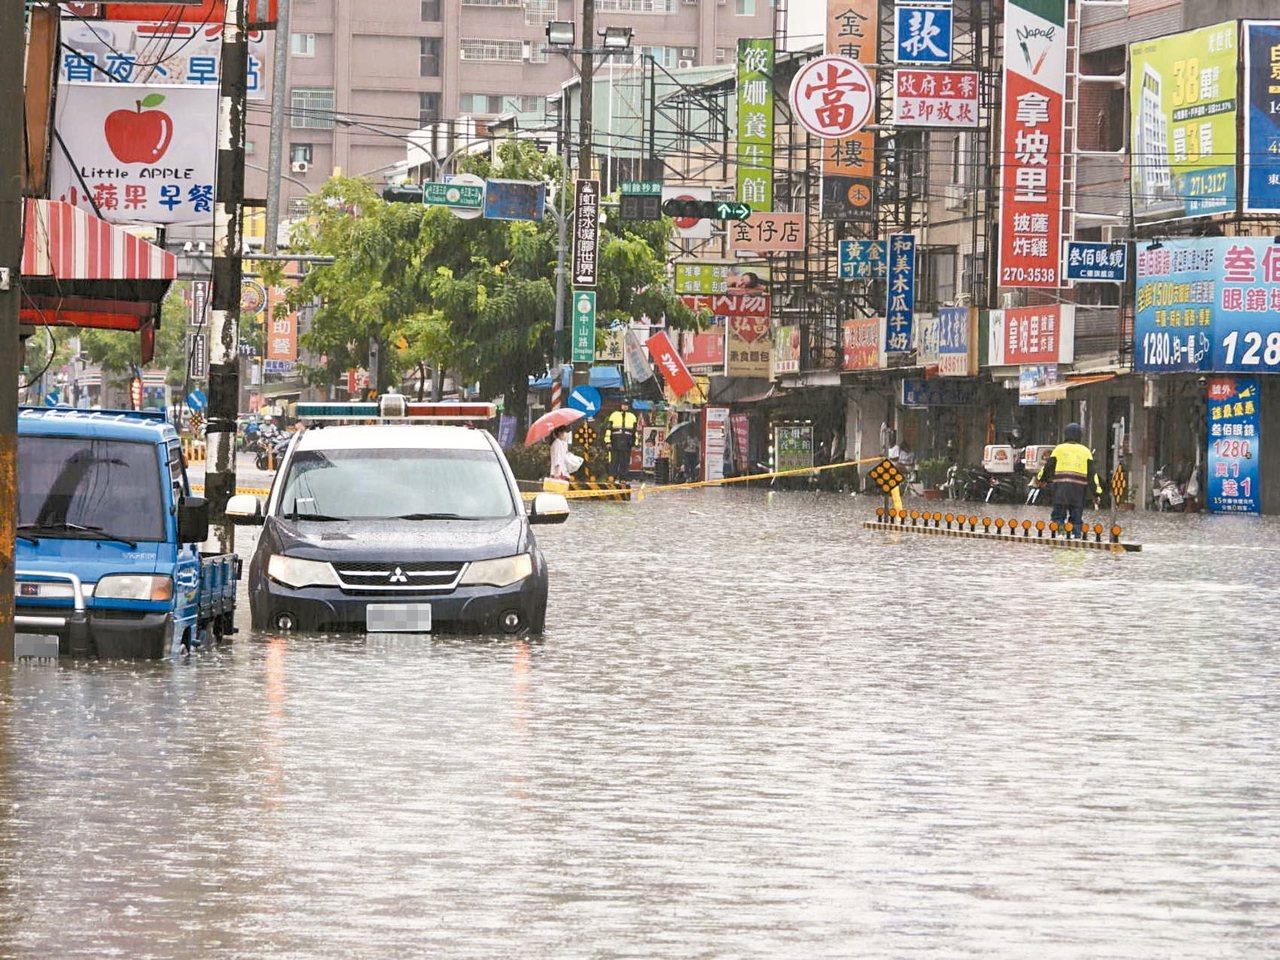 台南豪雨成災,多處積水嚴重。 記者周宗禎/攝影